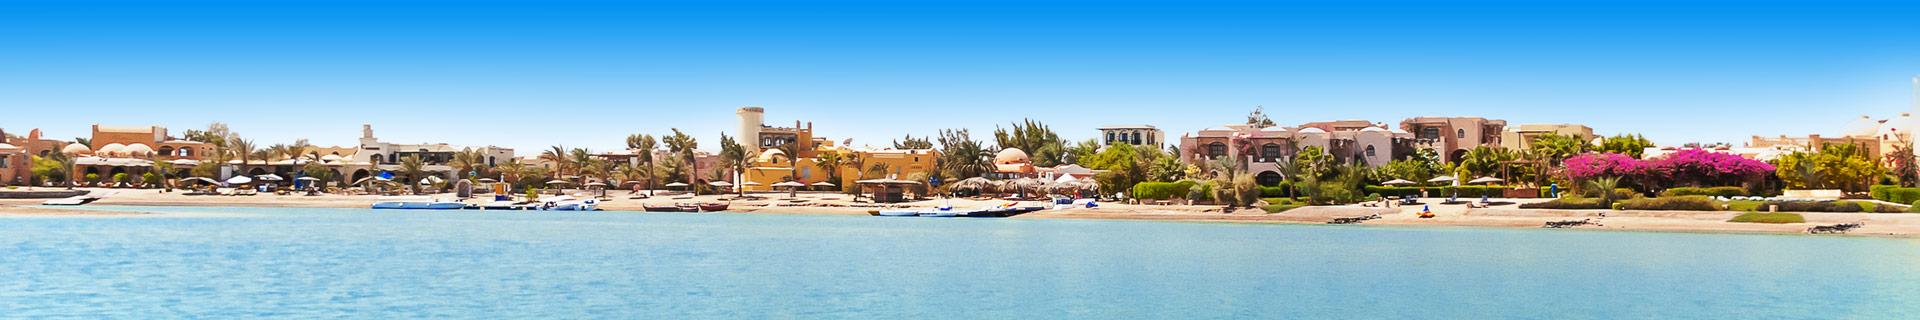 Uitzicht op de zee en huizen tijdens een vakantie in Egypte